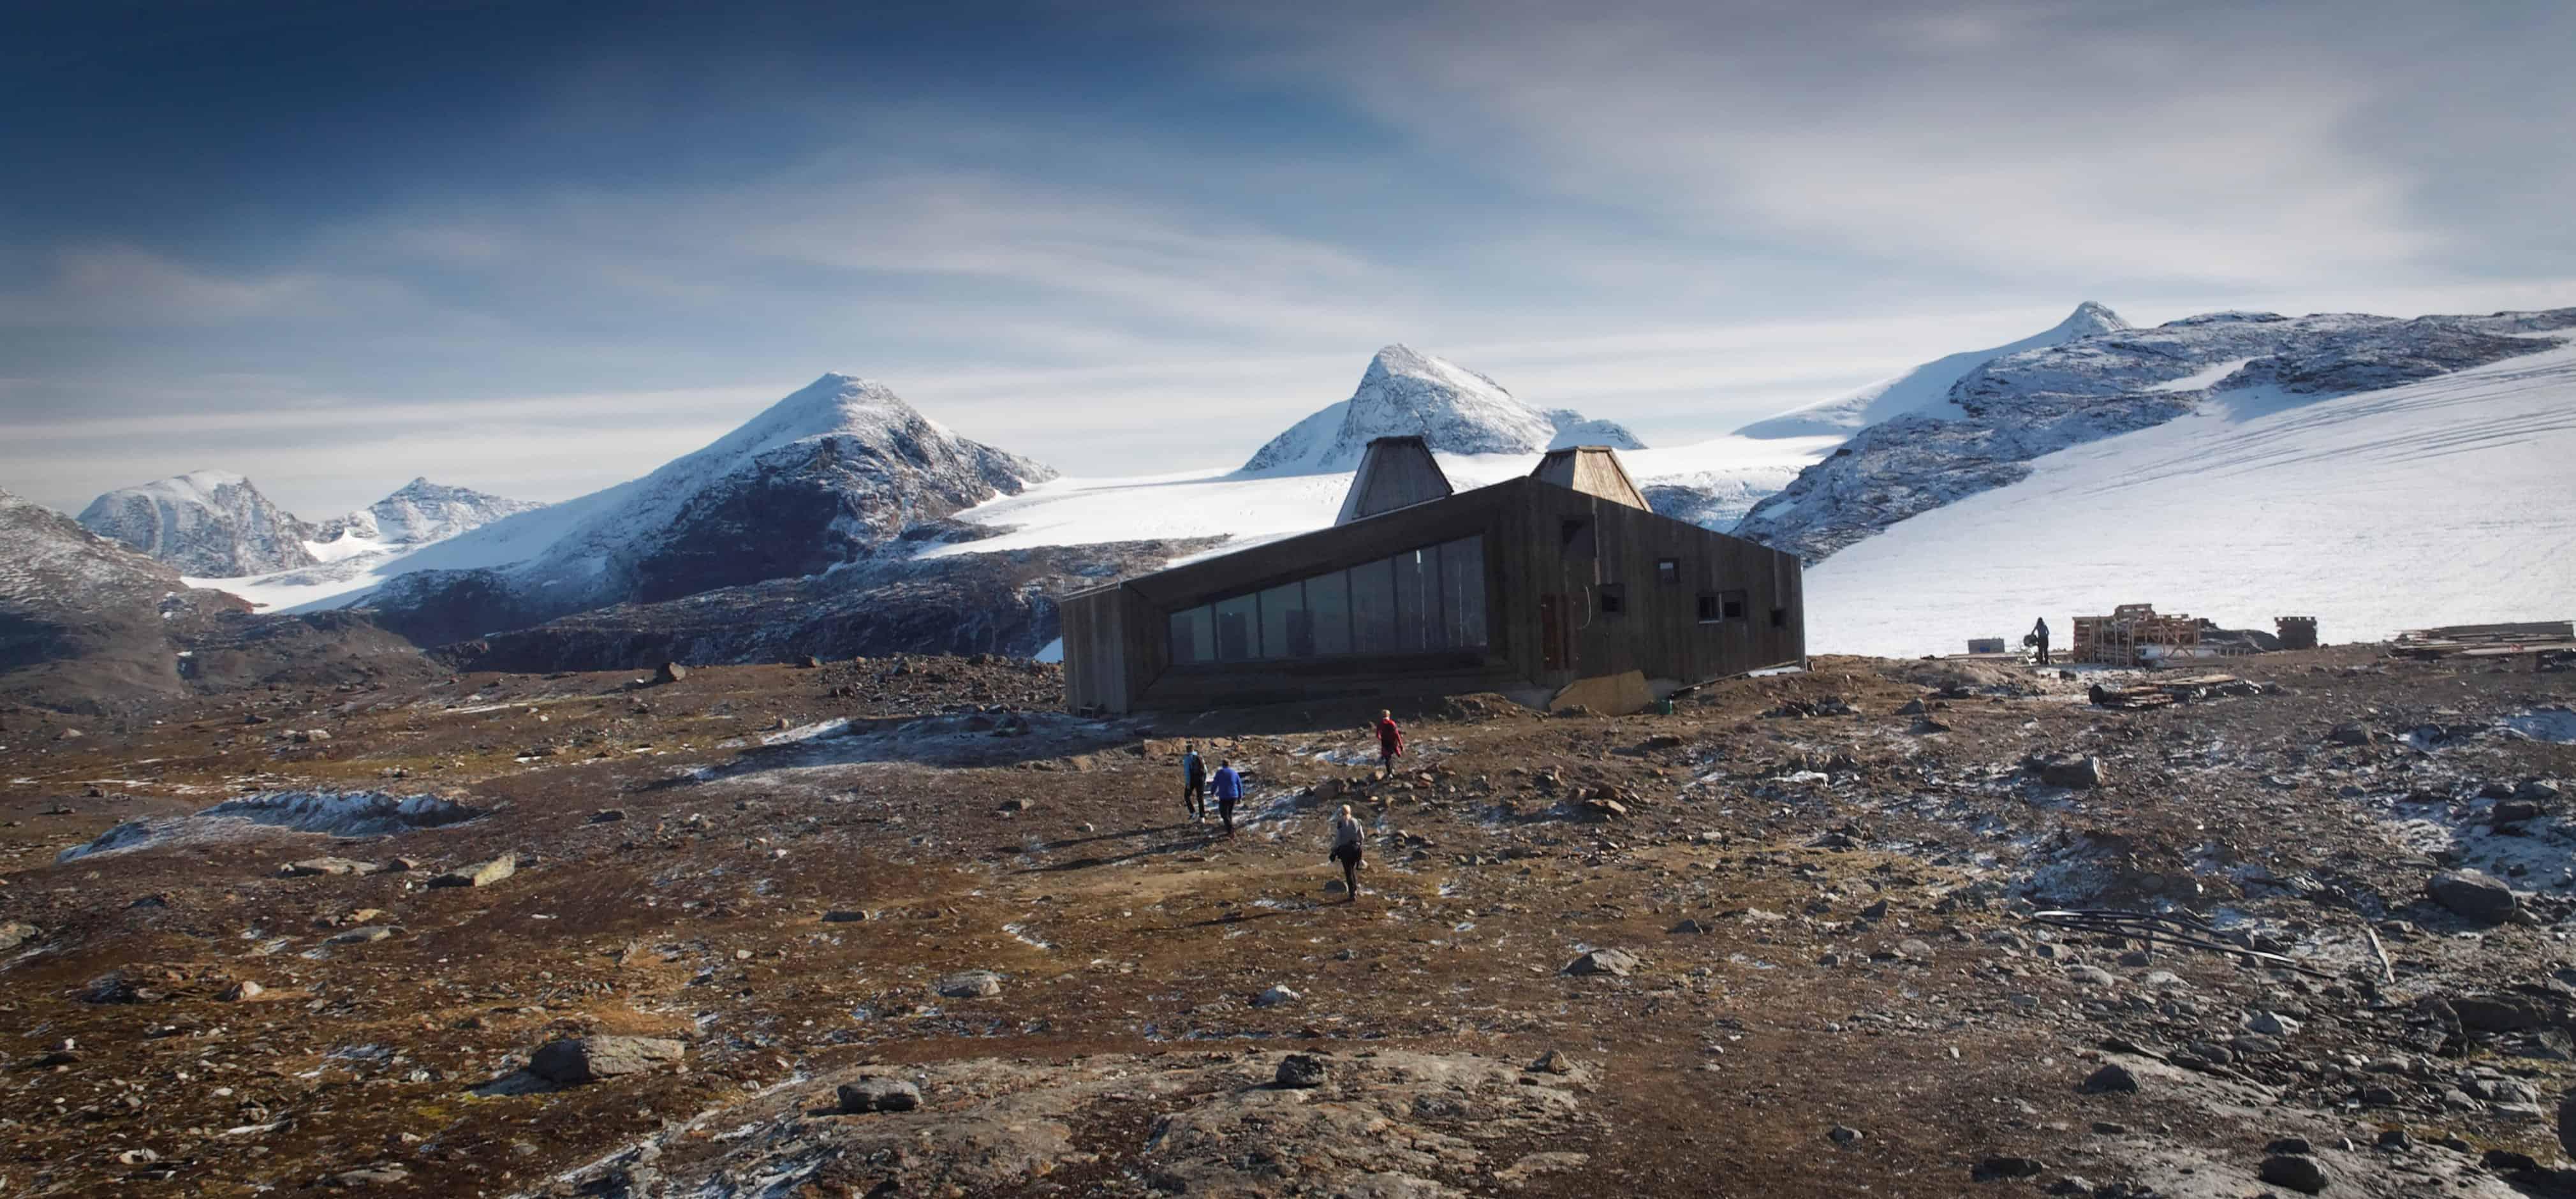 unieke vakantie locatie noord noorwegen